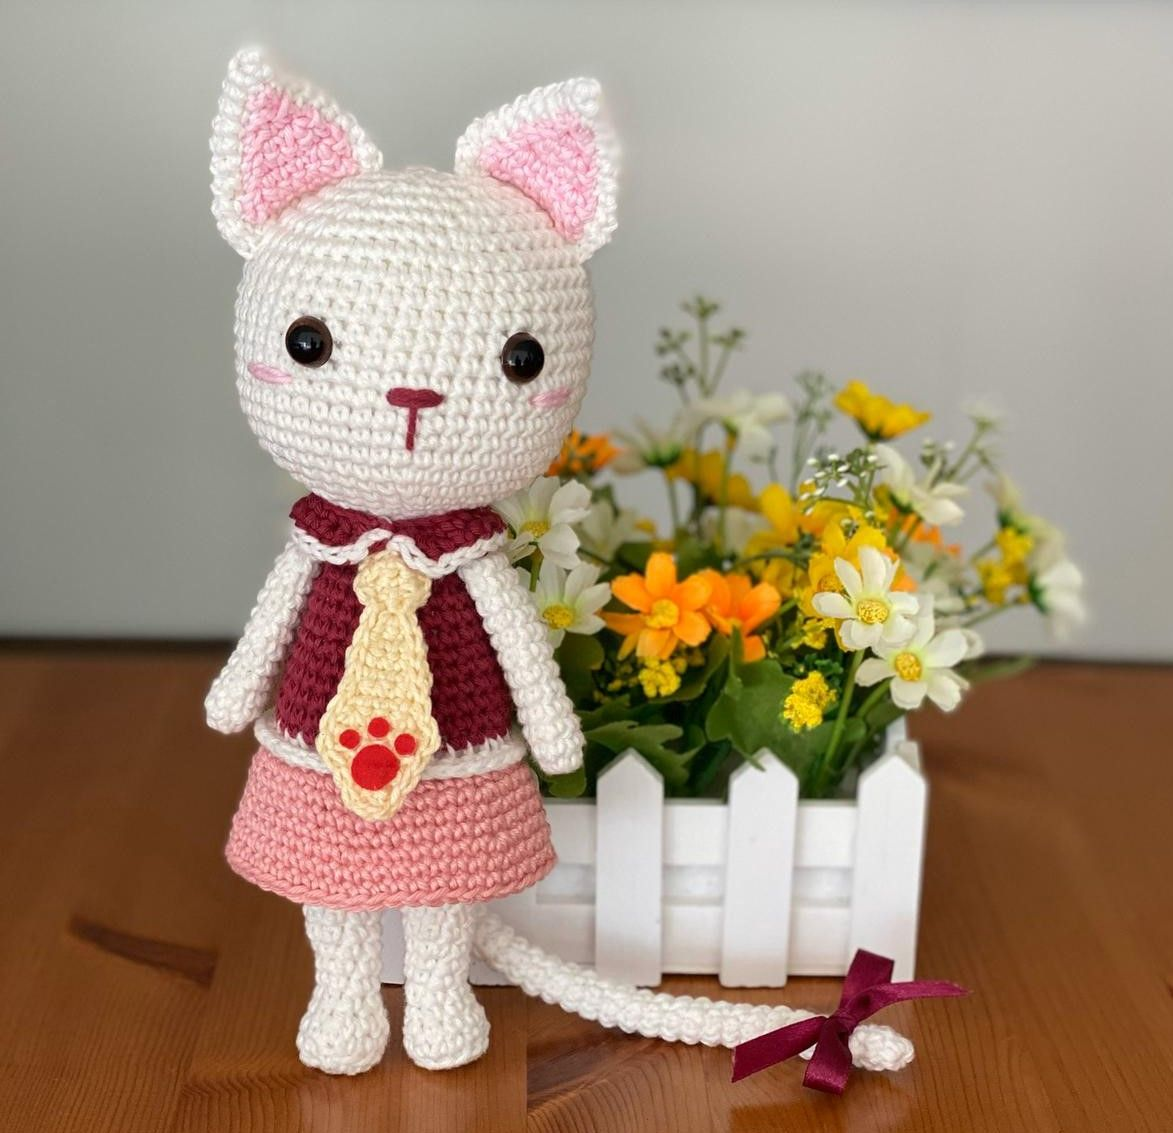 Bichinhos de crochê receitas em português passo a passo bichinhos ... | 1133x1173